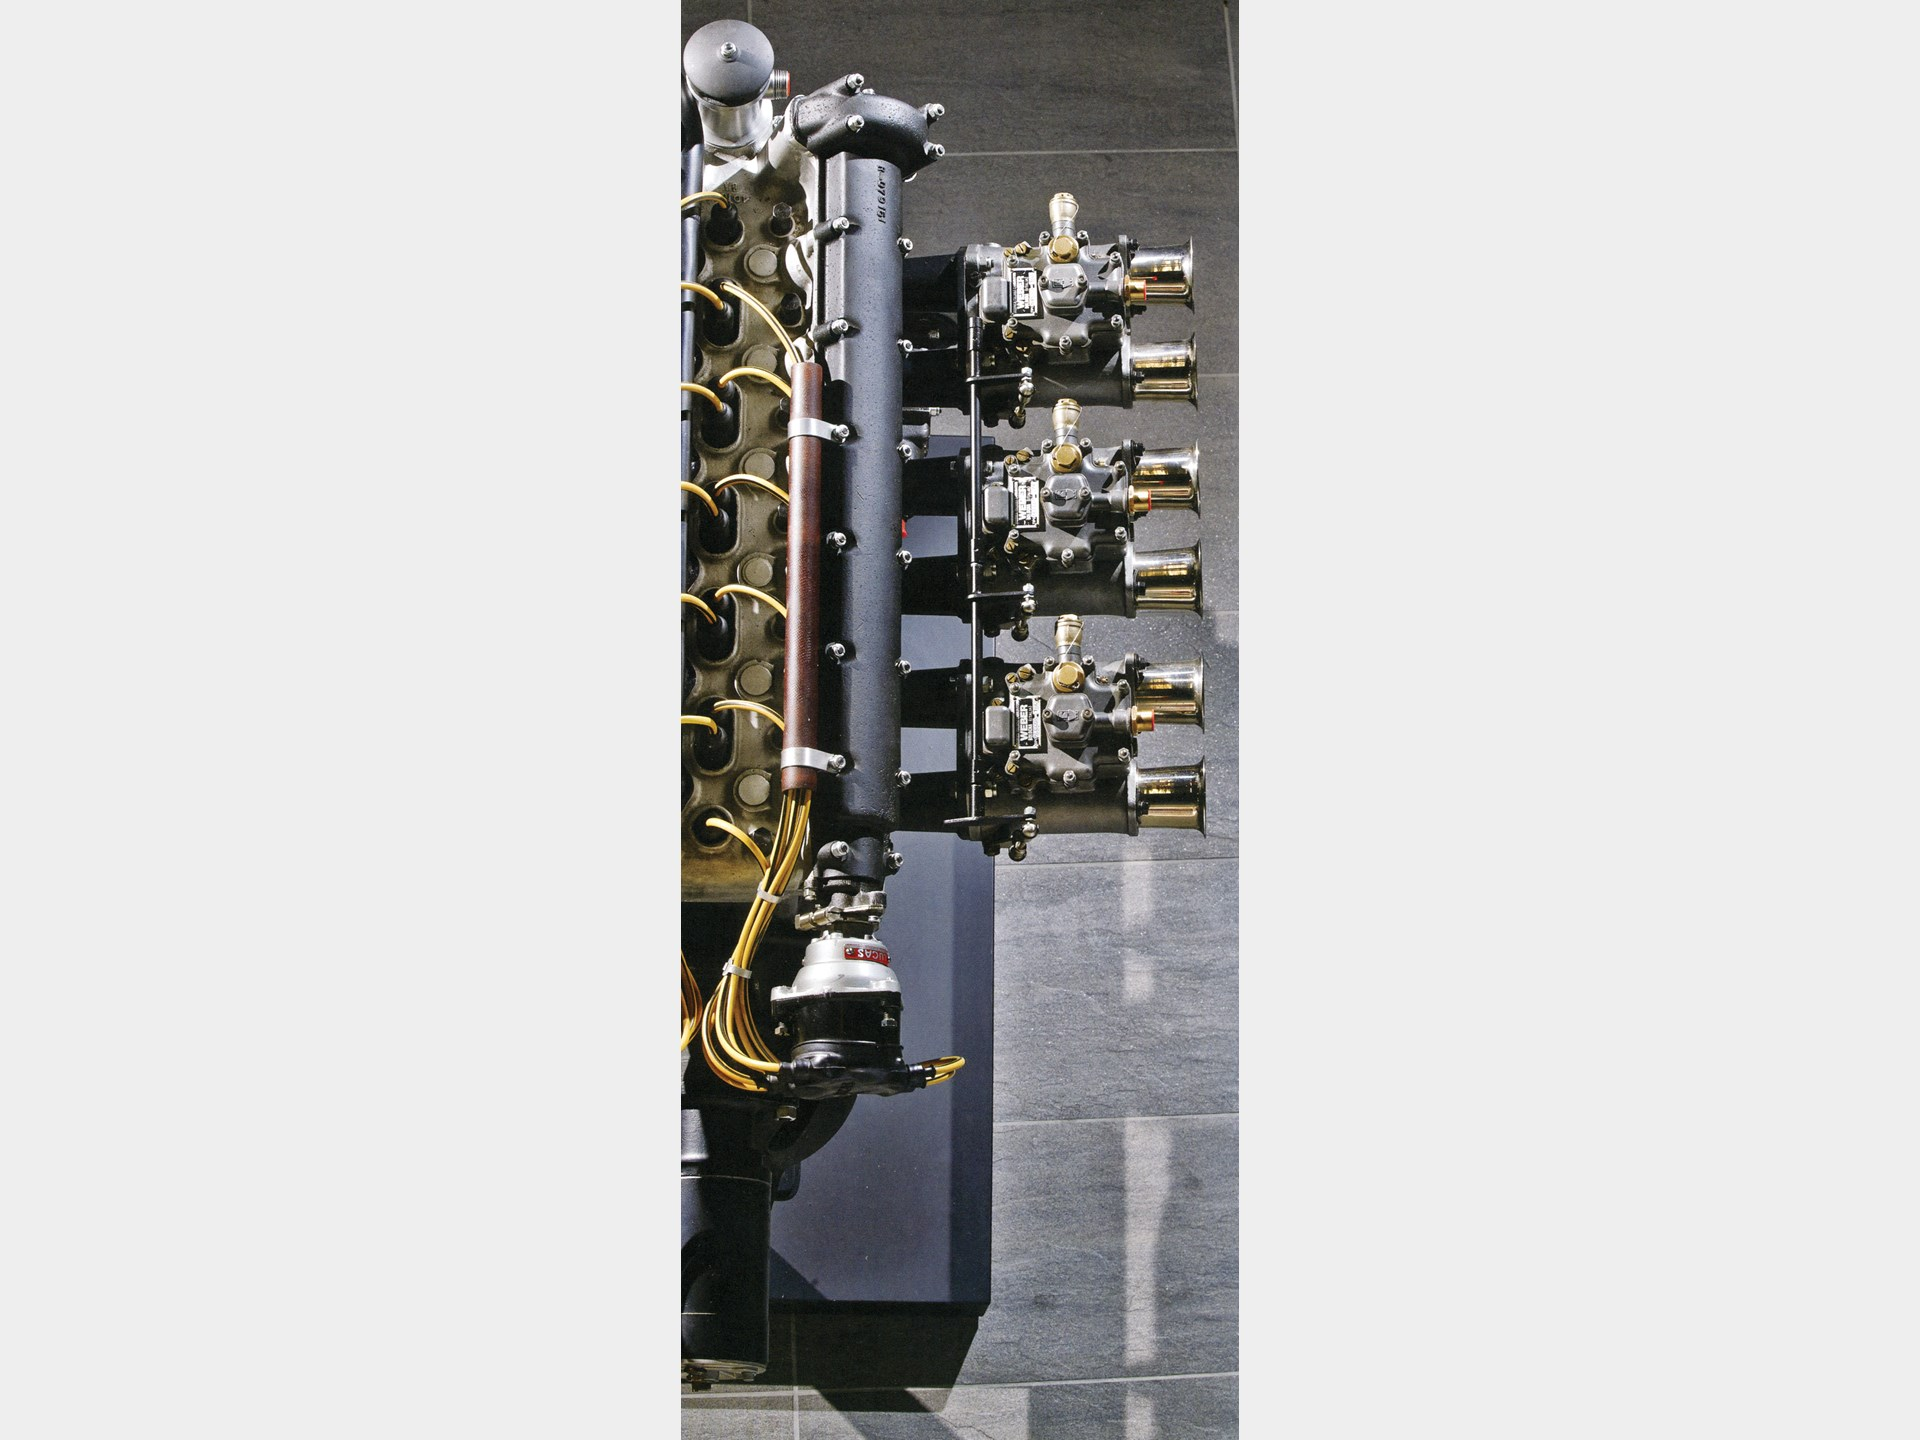 The original Works engine, number RB6/300/3.